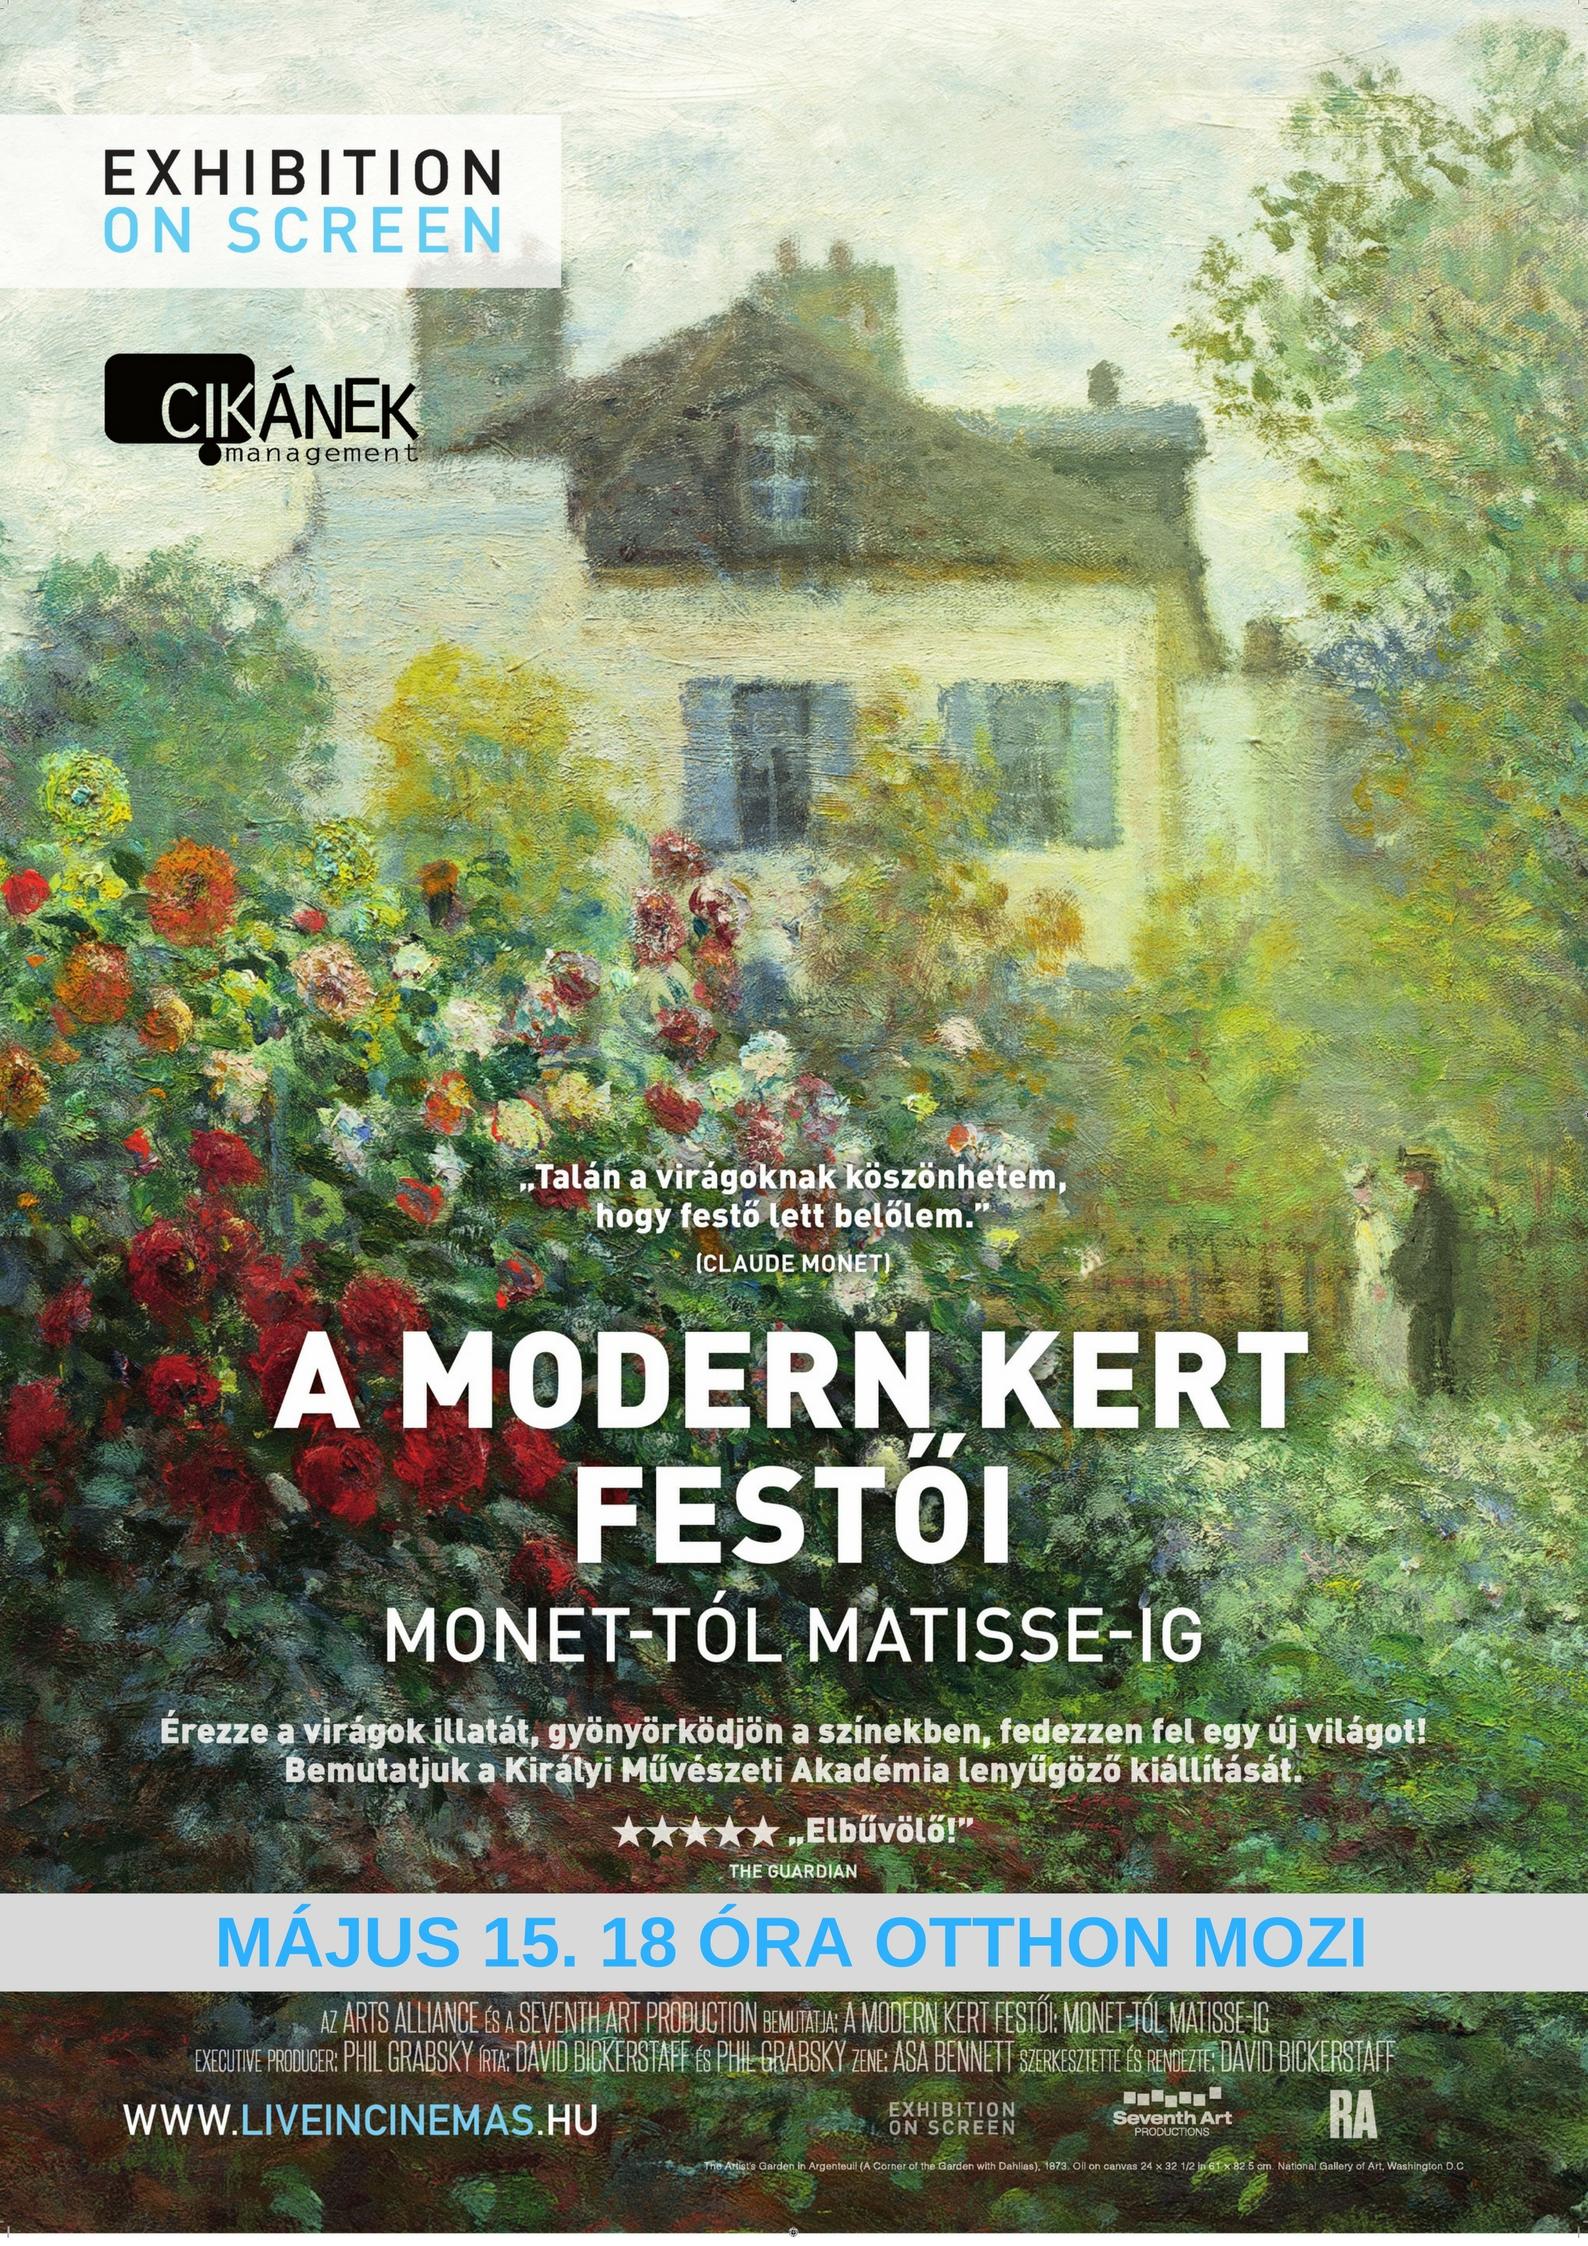 A modern kert festői: Monet-tól Matisse-ig